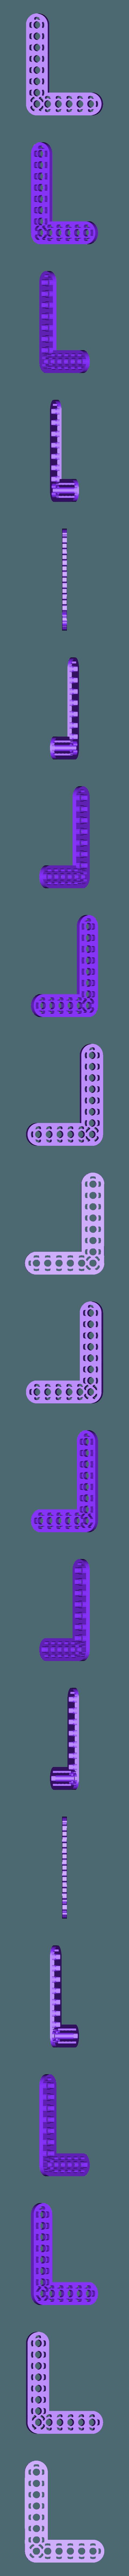 L_6_8.STL Télécharger fichier STL gratuit MEGA Expansion 200+ Pièces • Plan à imprimer en 3D, Pwentey